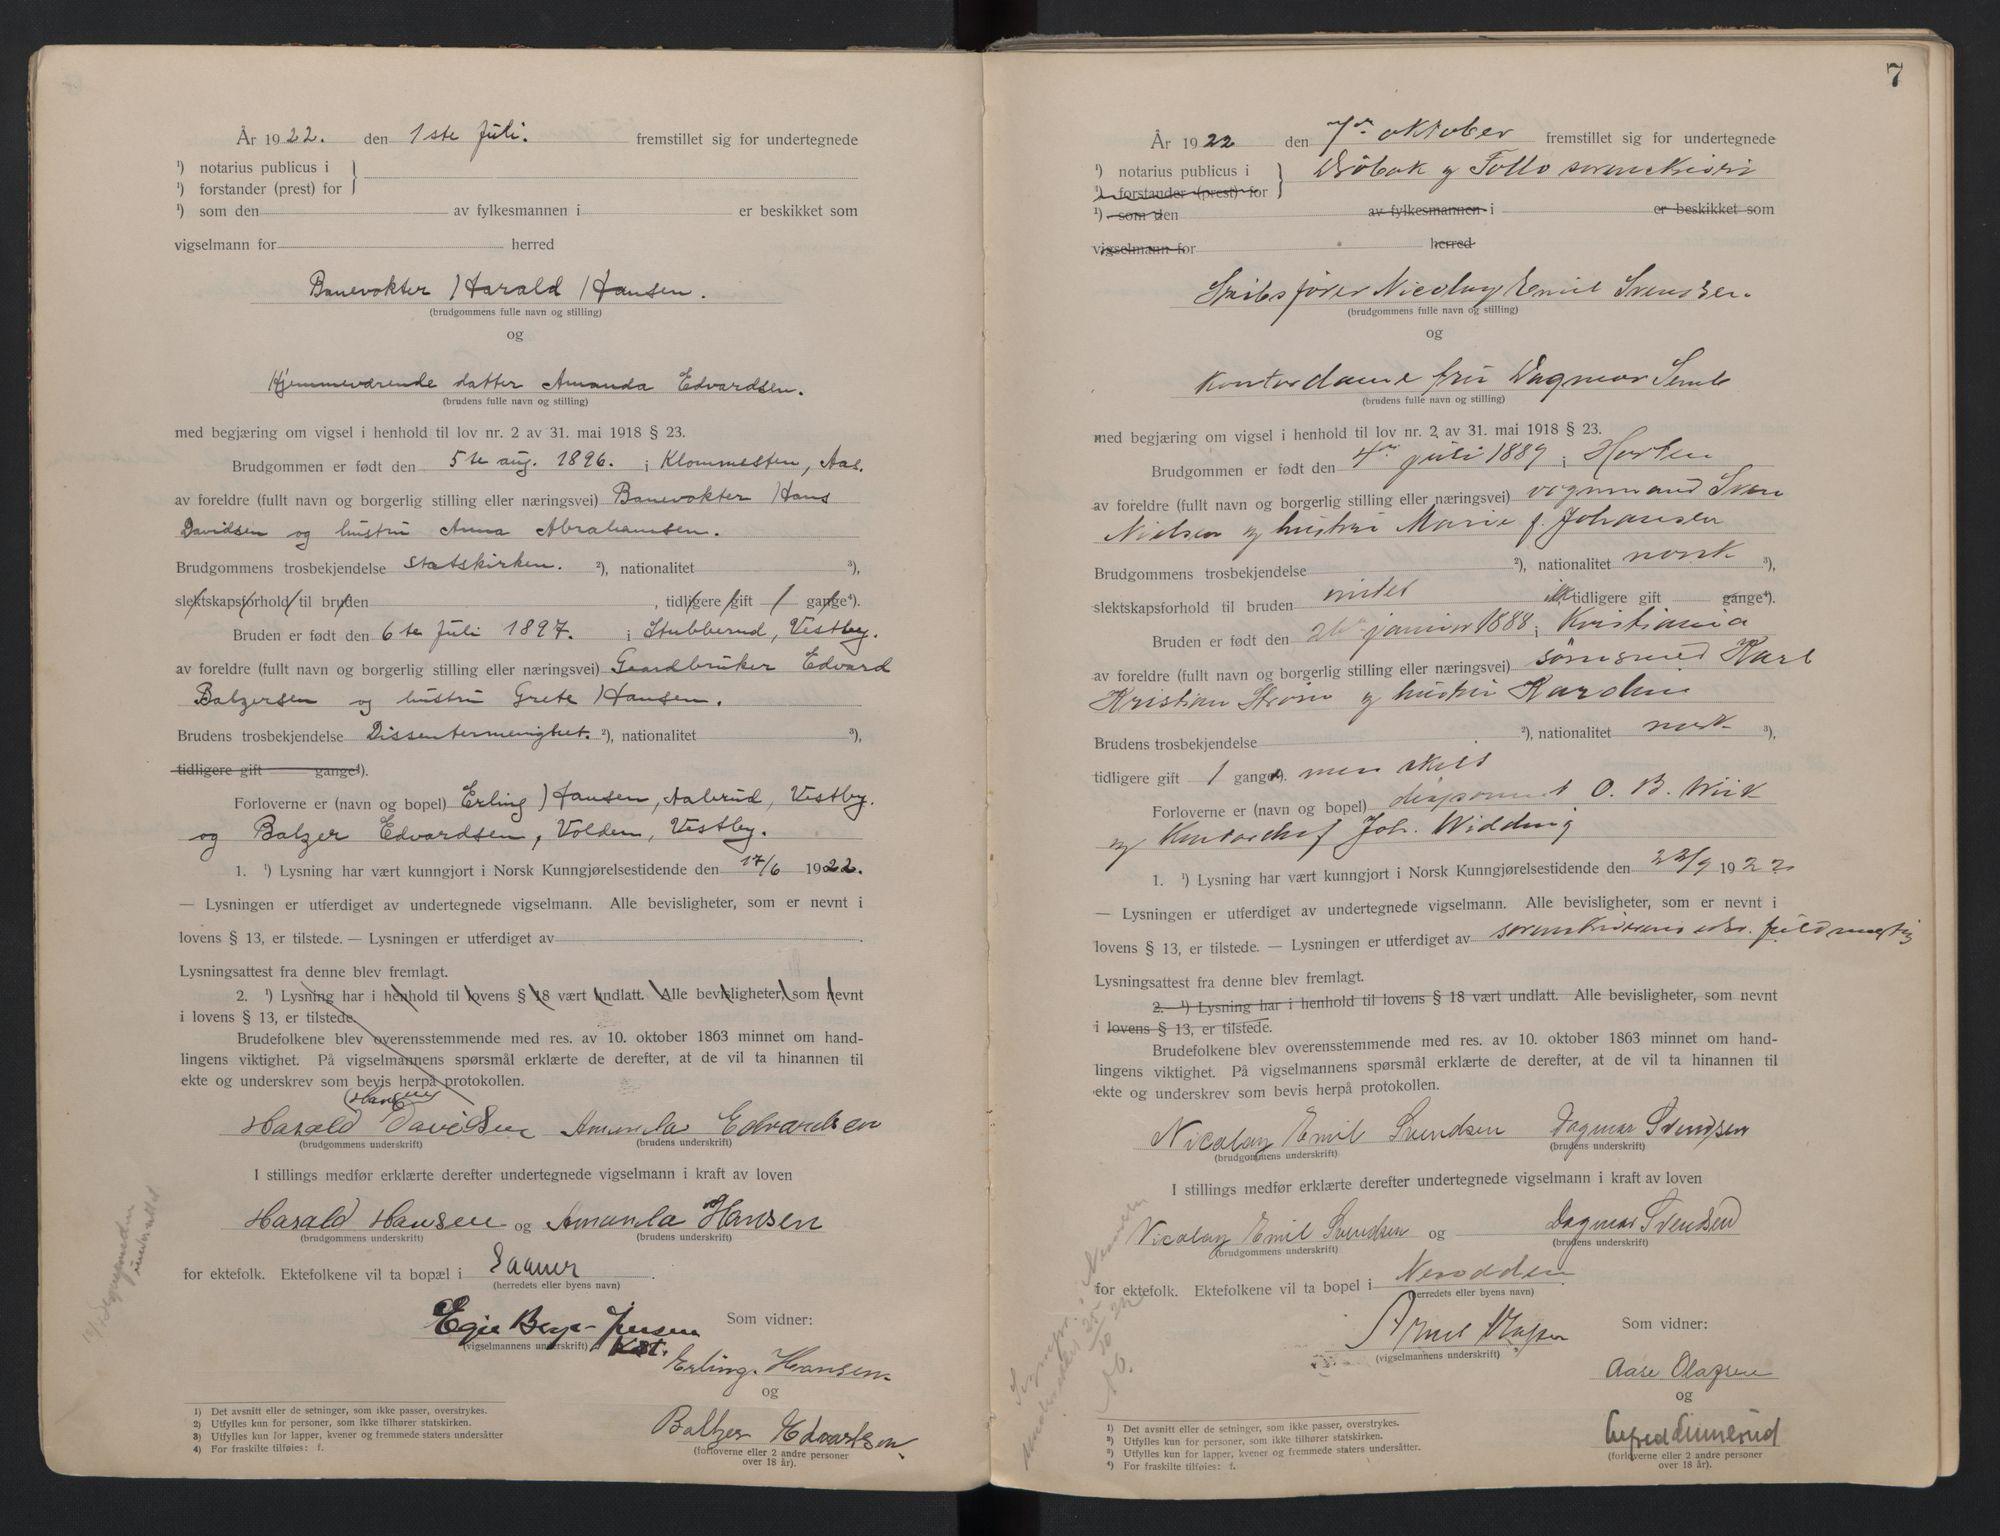 SAO, Follo sorenskriveri, L/La/Lab/L0001: Vigselsbok, 1920-1942, s. 7